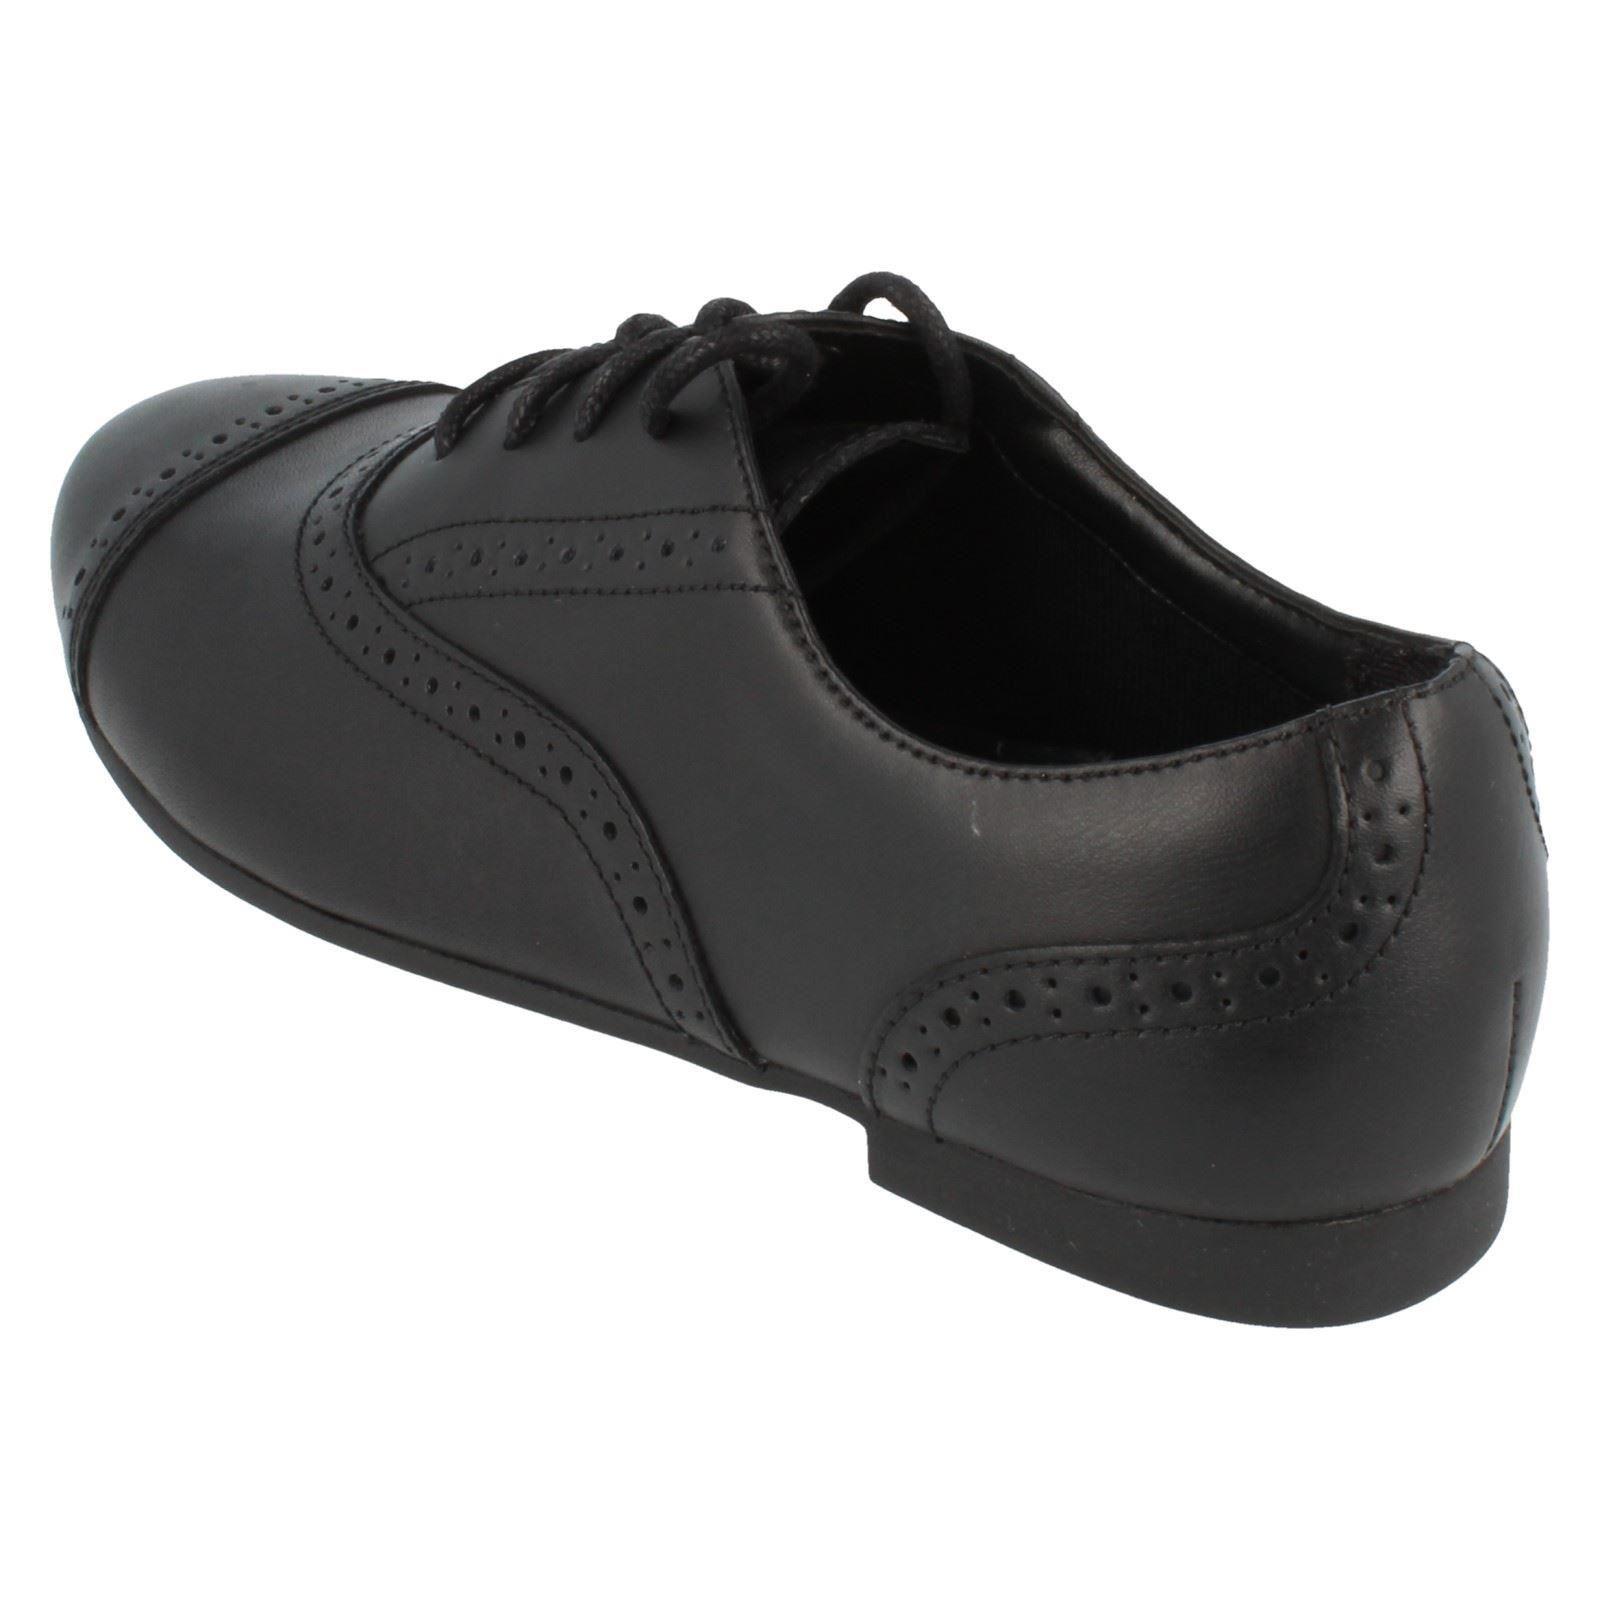 Niñas Bootleg Con Cordones Zapatos Estilo selseycool BL ~ N